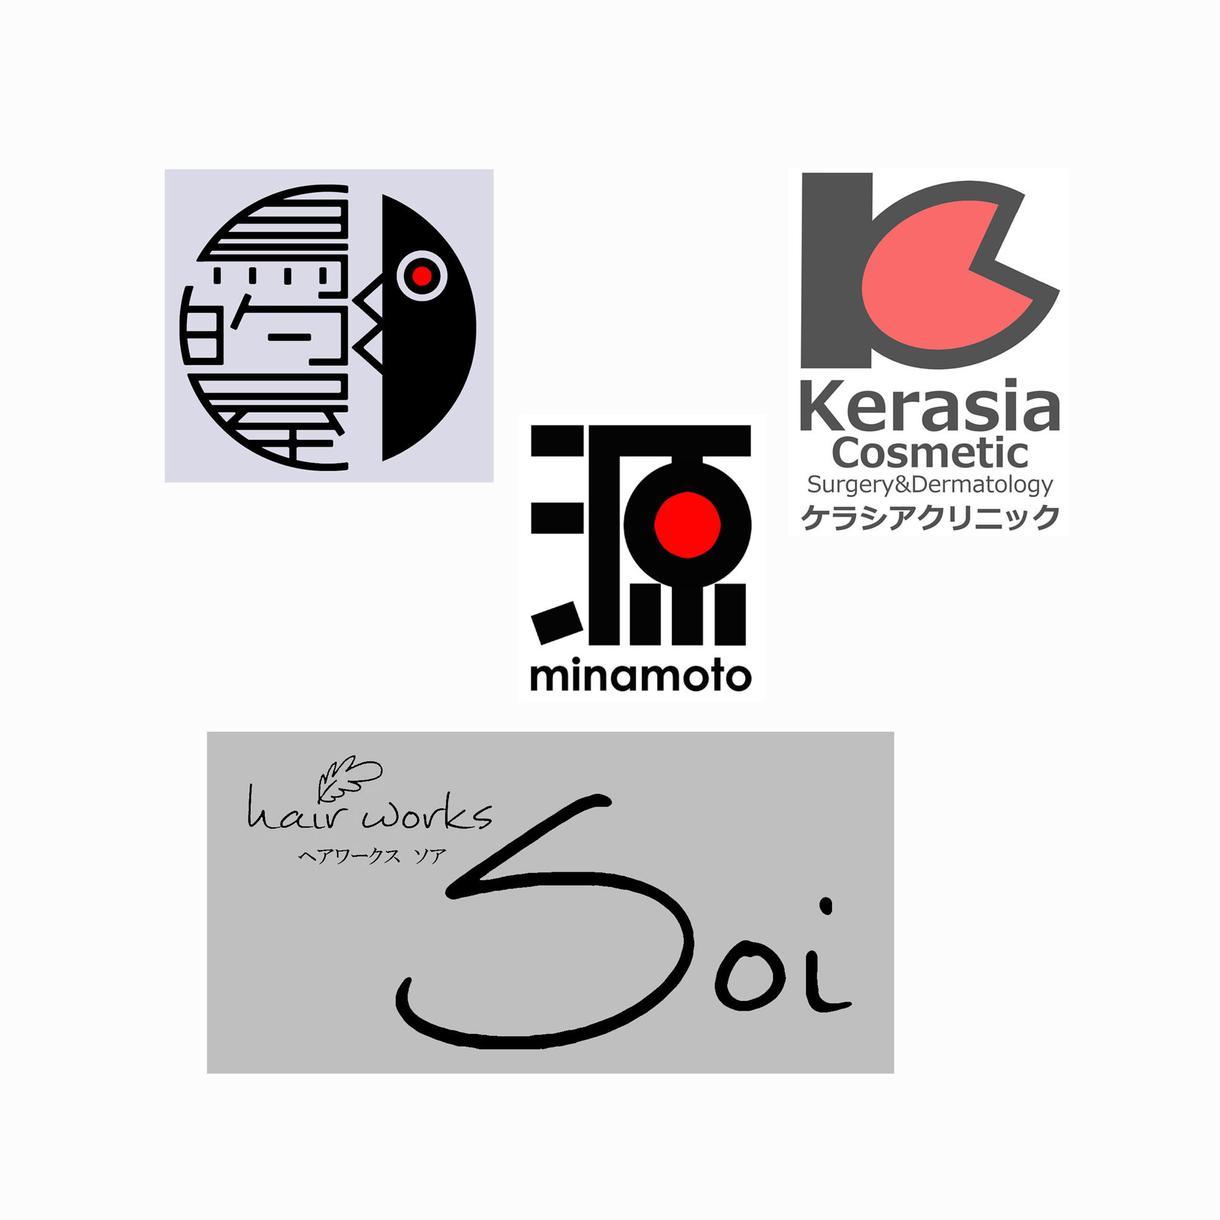 個性的なロゴマーク制作します 「かわいい」から「シンプル」まで、ご要望に沿ったロゴデザイン